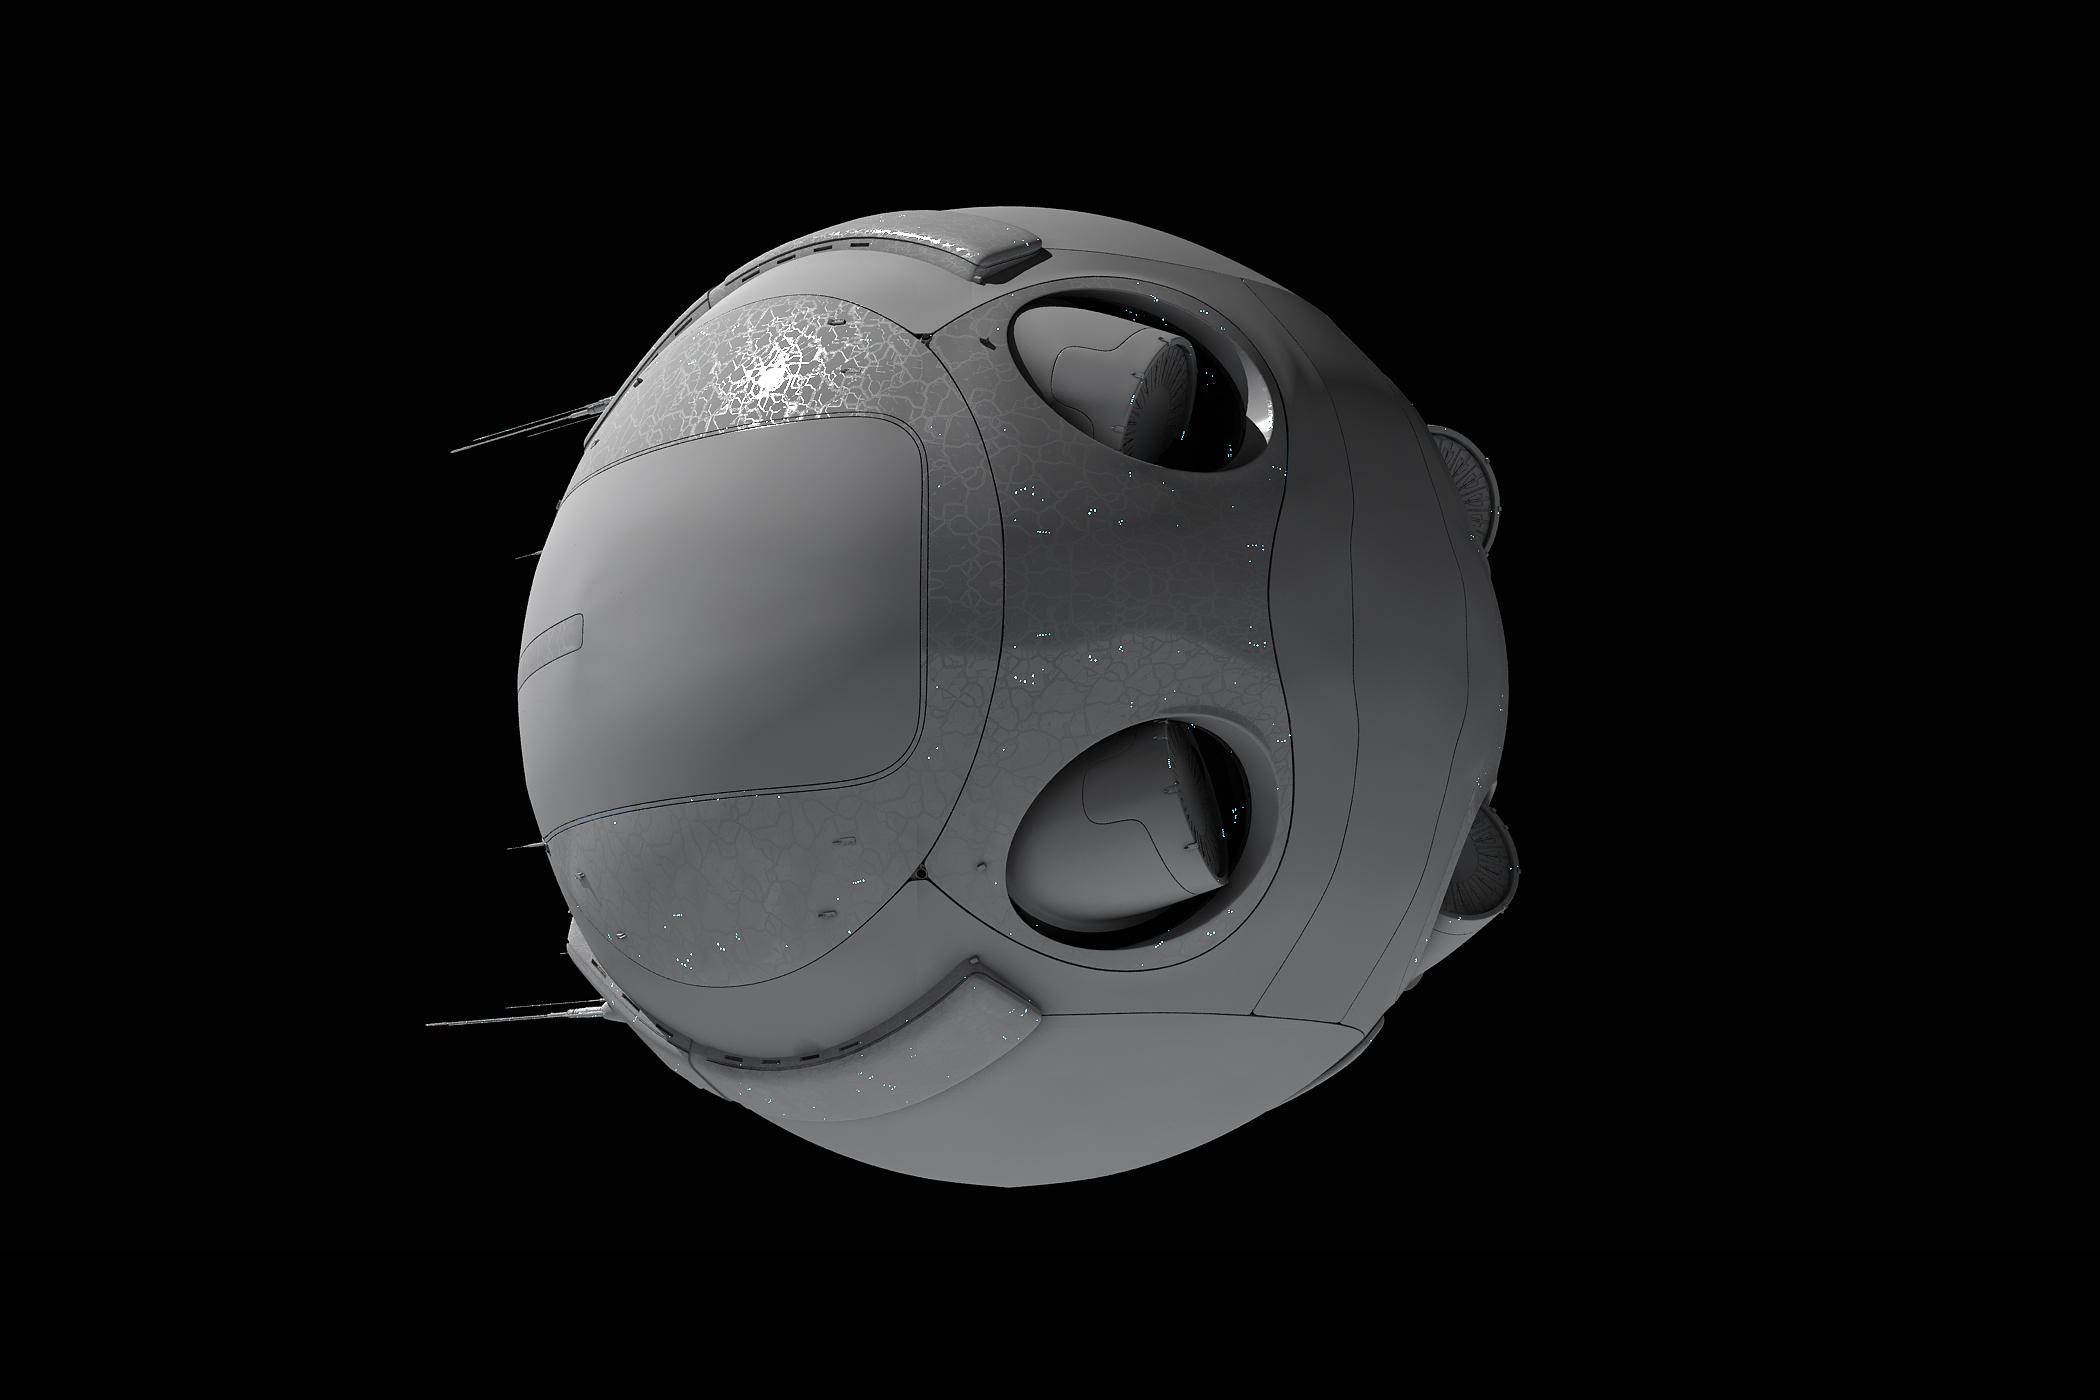 AlienShip_v007_004.jpg